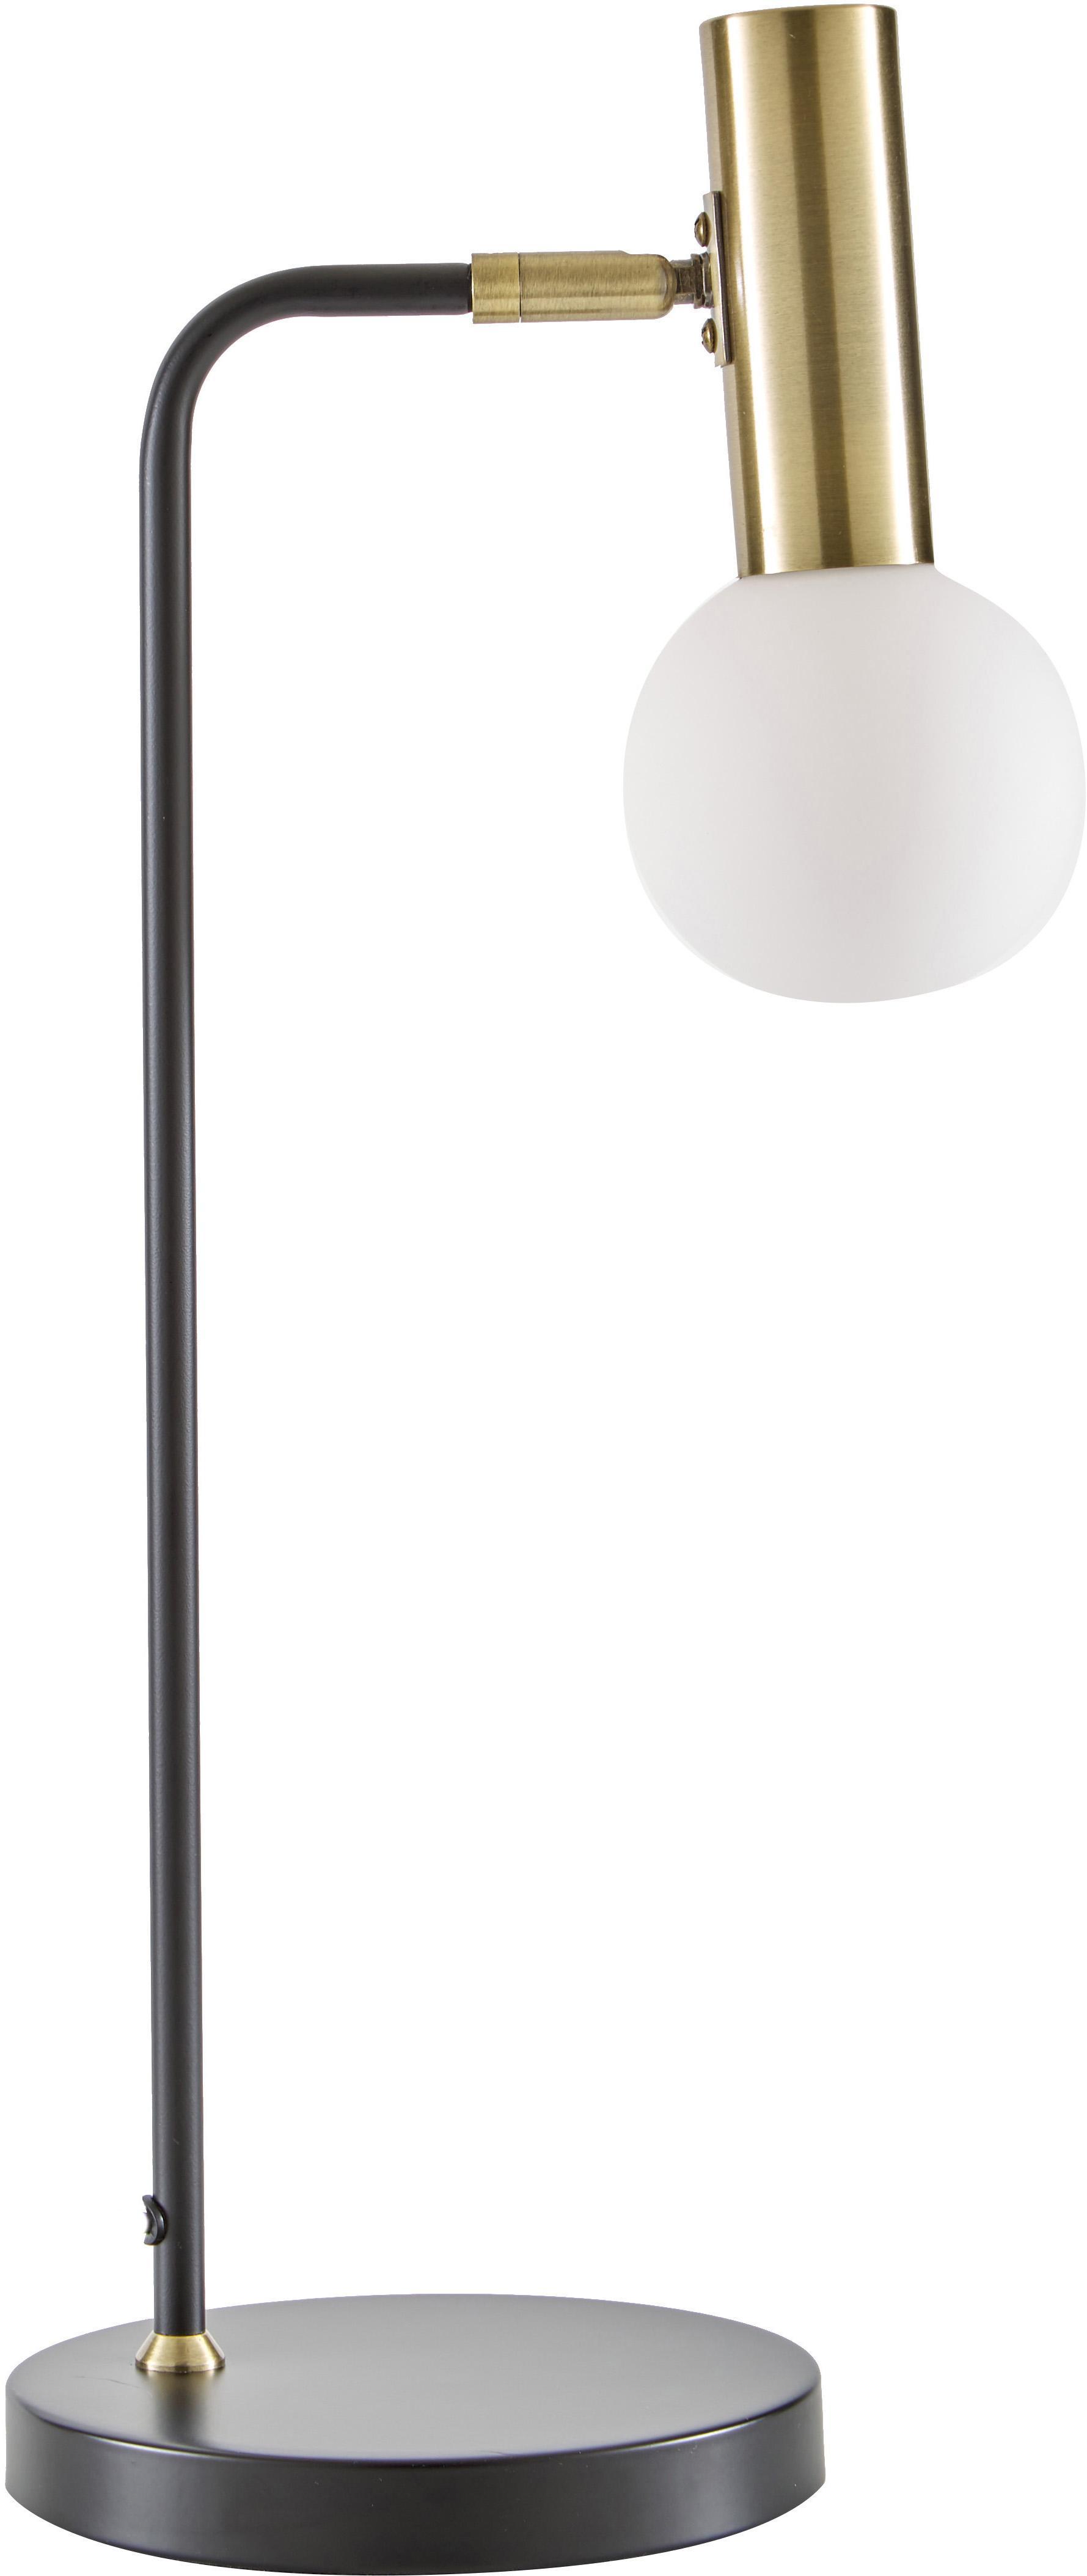 Große Schreibtischlampe Wilson mit Glasschirm, Lampenschirm: Glas, Lampenfuß: Metall, Schwarz, 22 x 54 cm